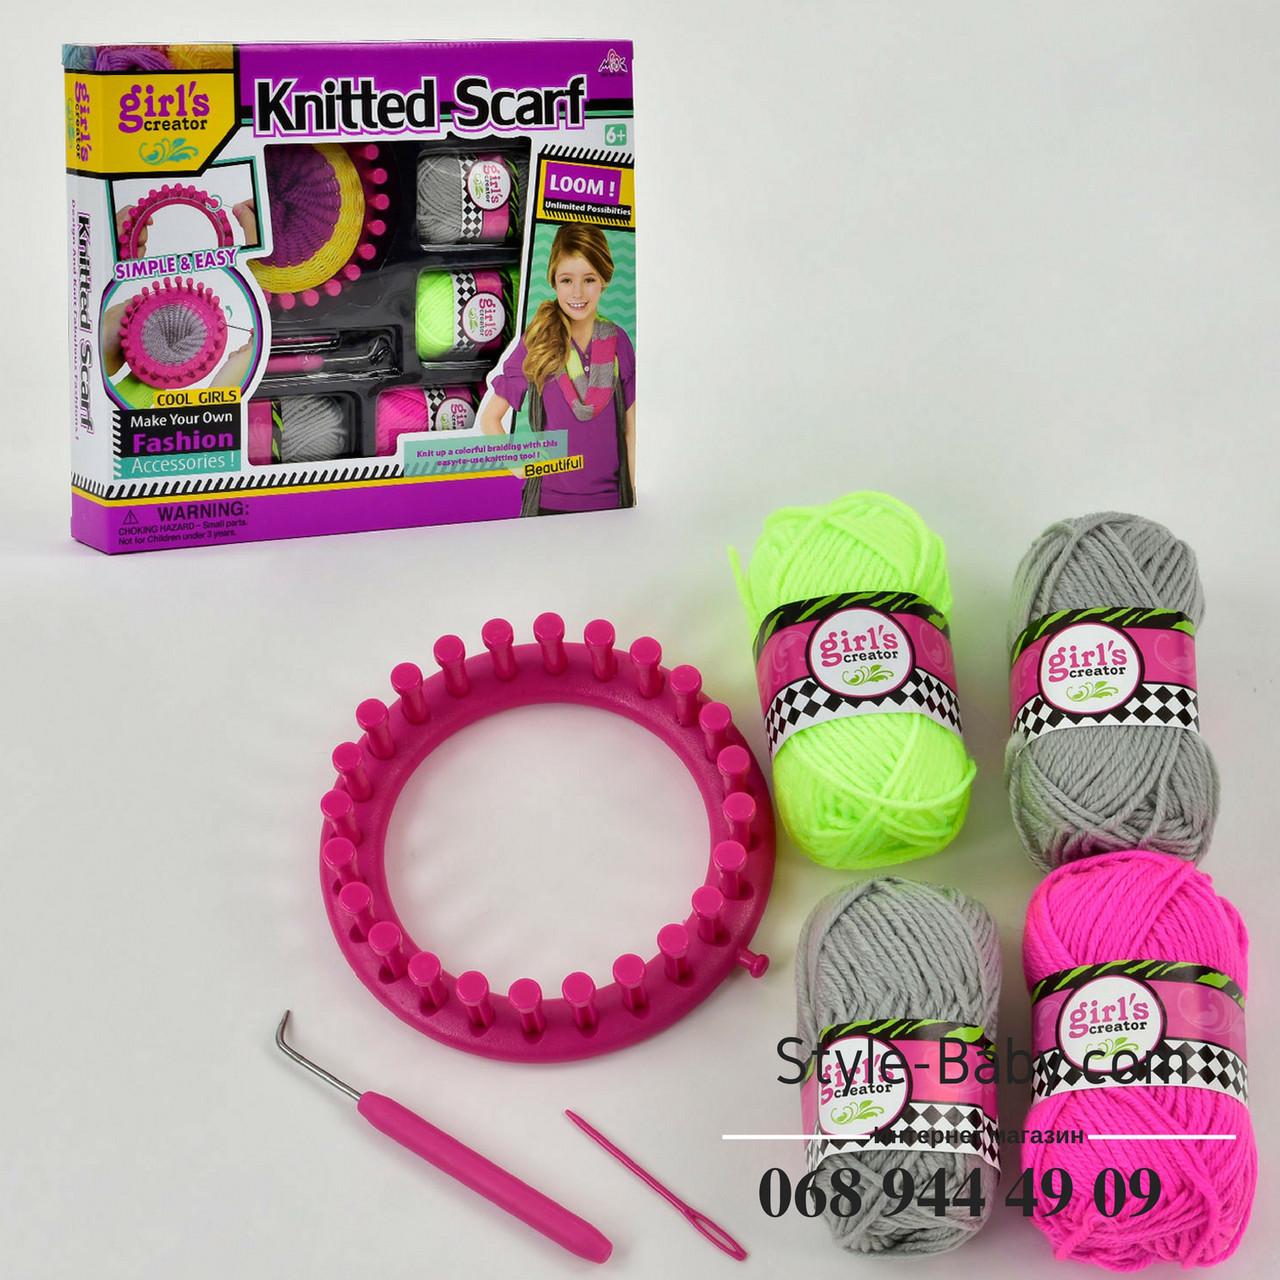 набор для вязания мвк новые идеи творчества для девочек в коробке